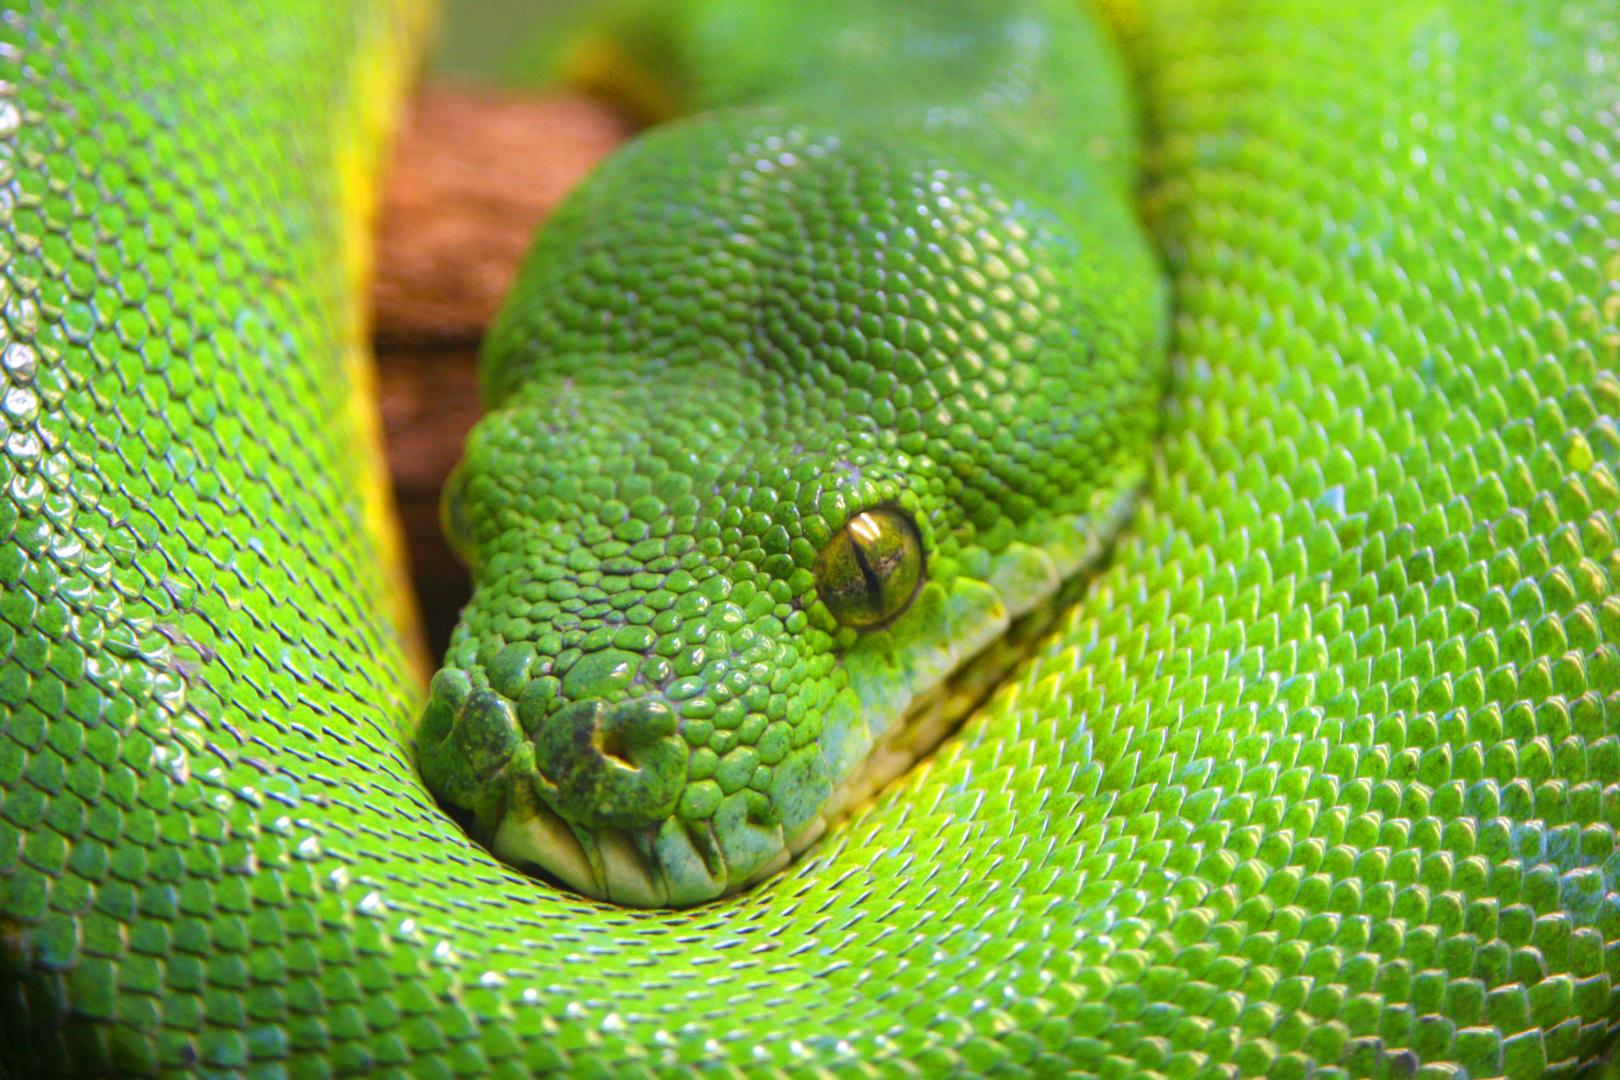 Schlange - heute ganz in grün #2